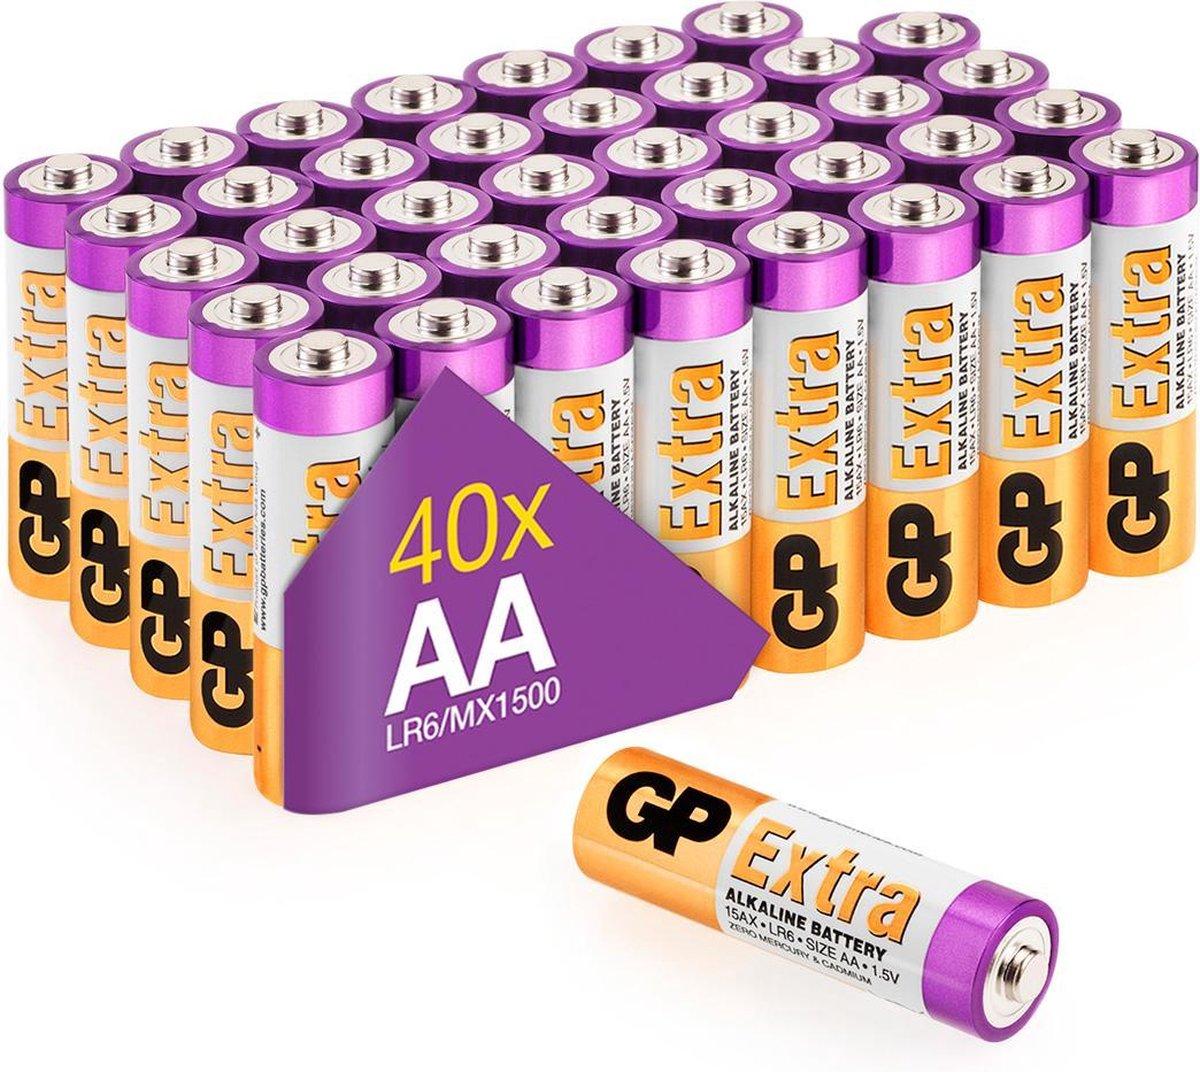 GP Extra Alkaline batterijen AA mignon penlite LR06 batterij 1.5V – 40 stuks - AA batterij